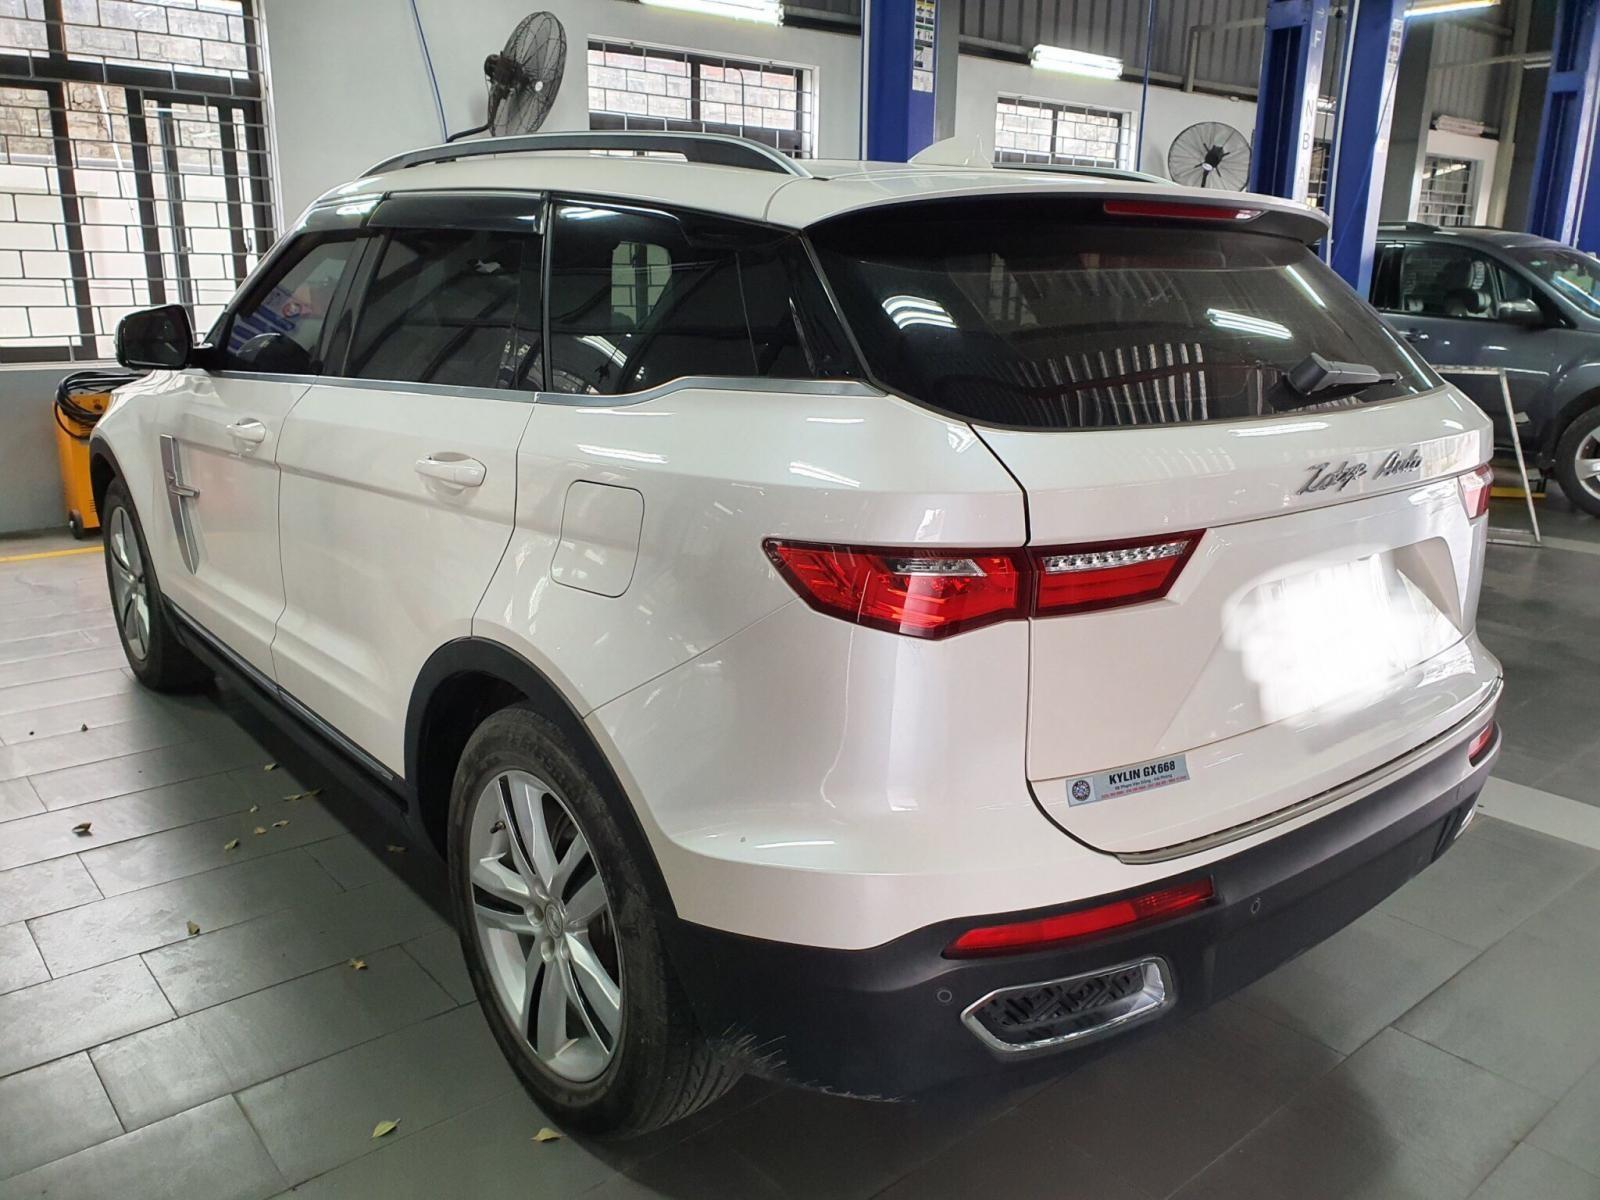 Cần bán xe Zotye Z500 2018, màu trắng, xe đẹp, giá yêu thương